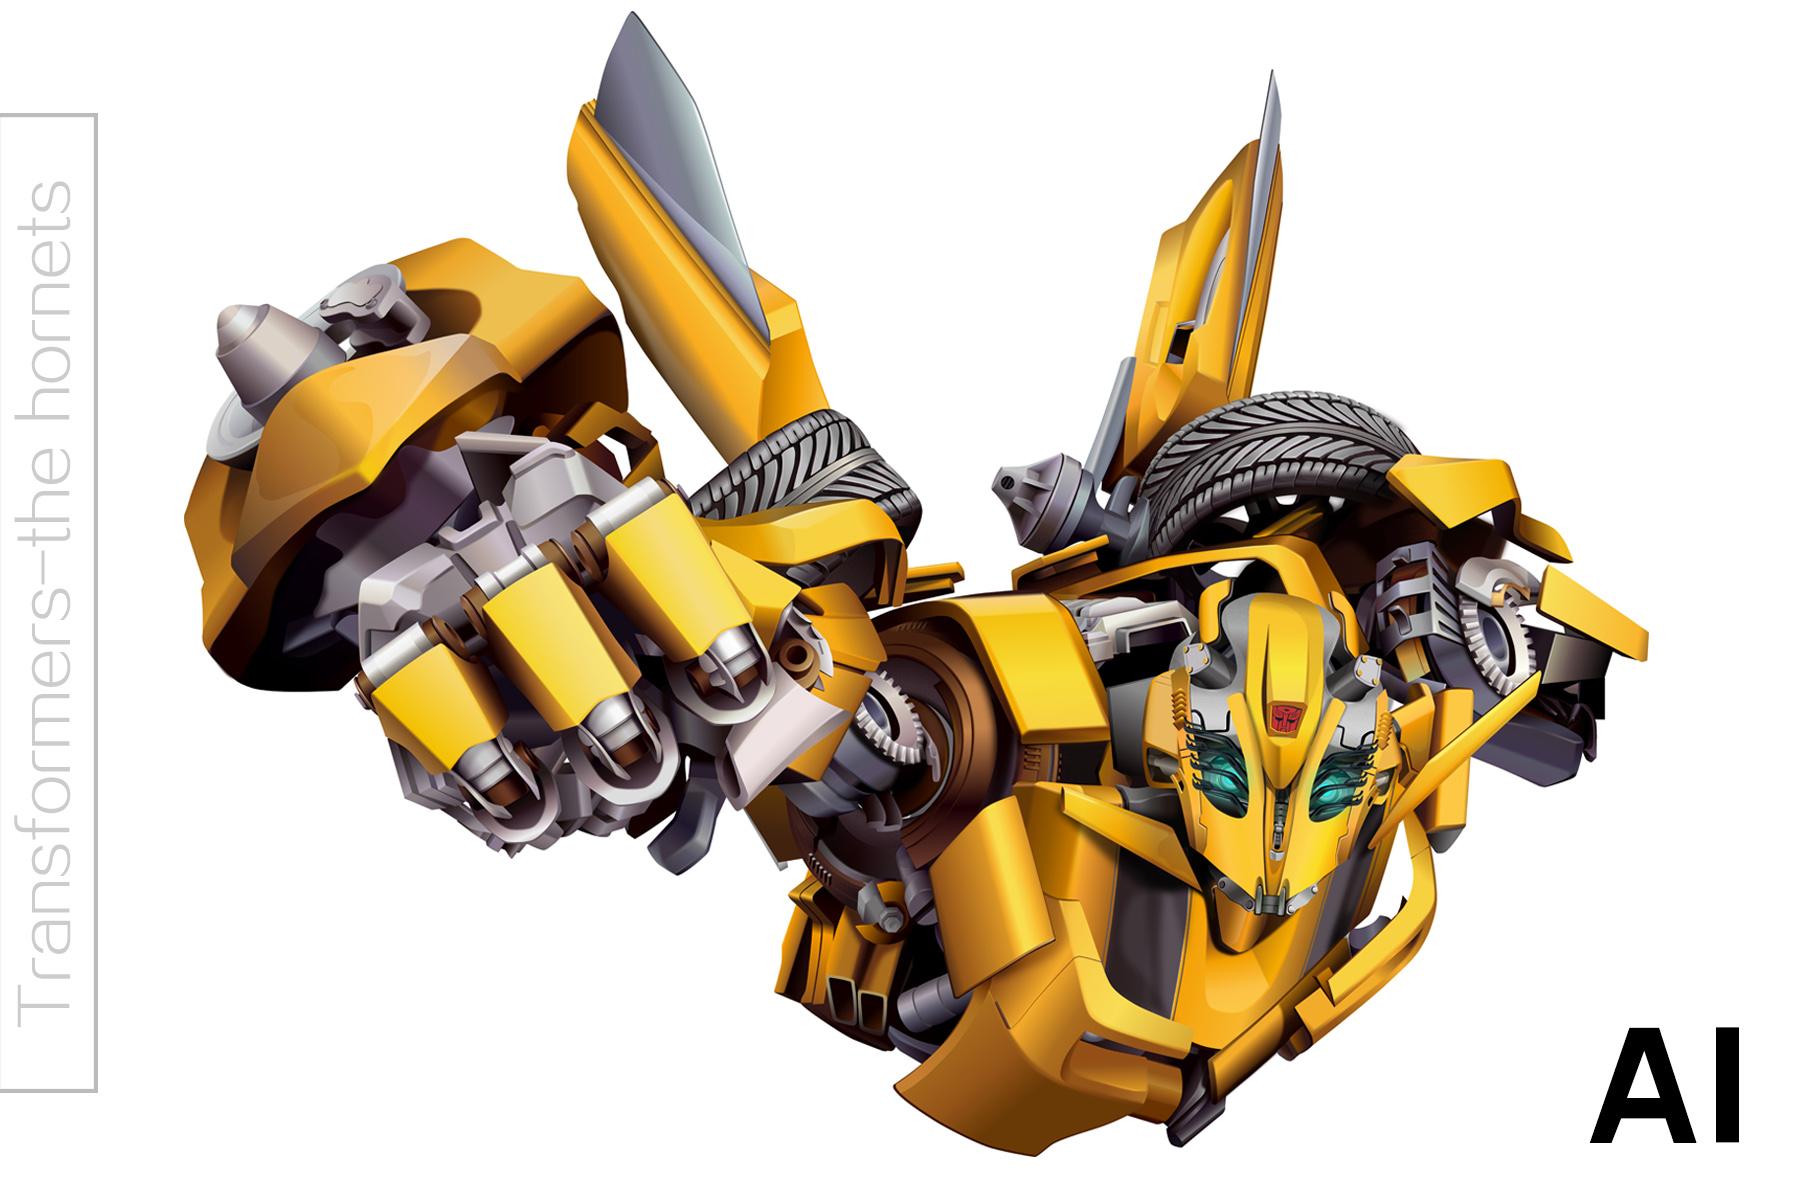 鼠绘写实作品 机器人大黄蜂